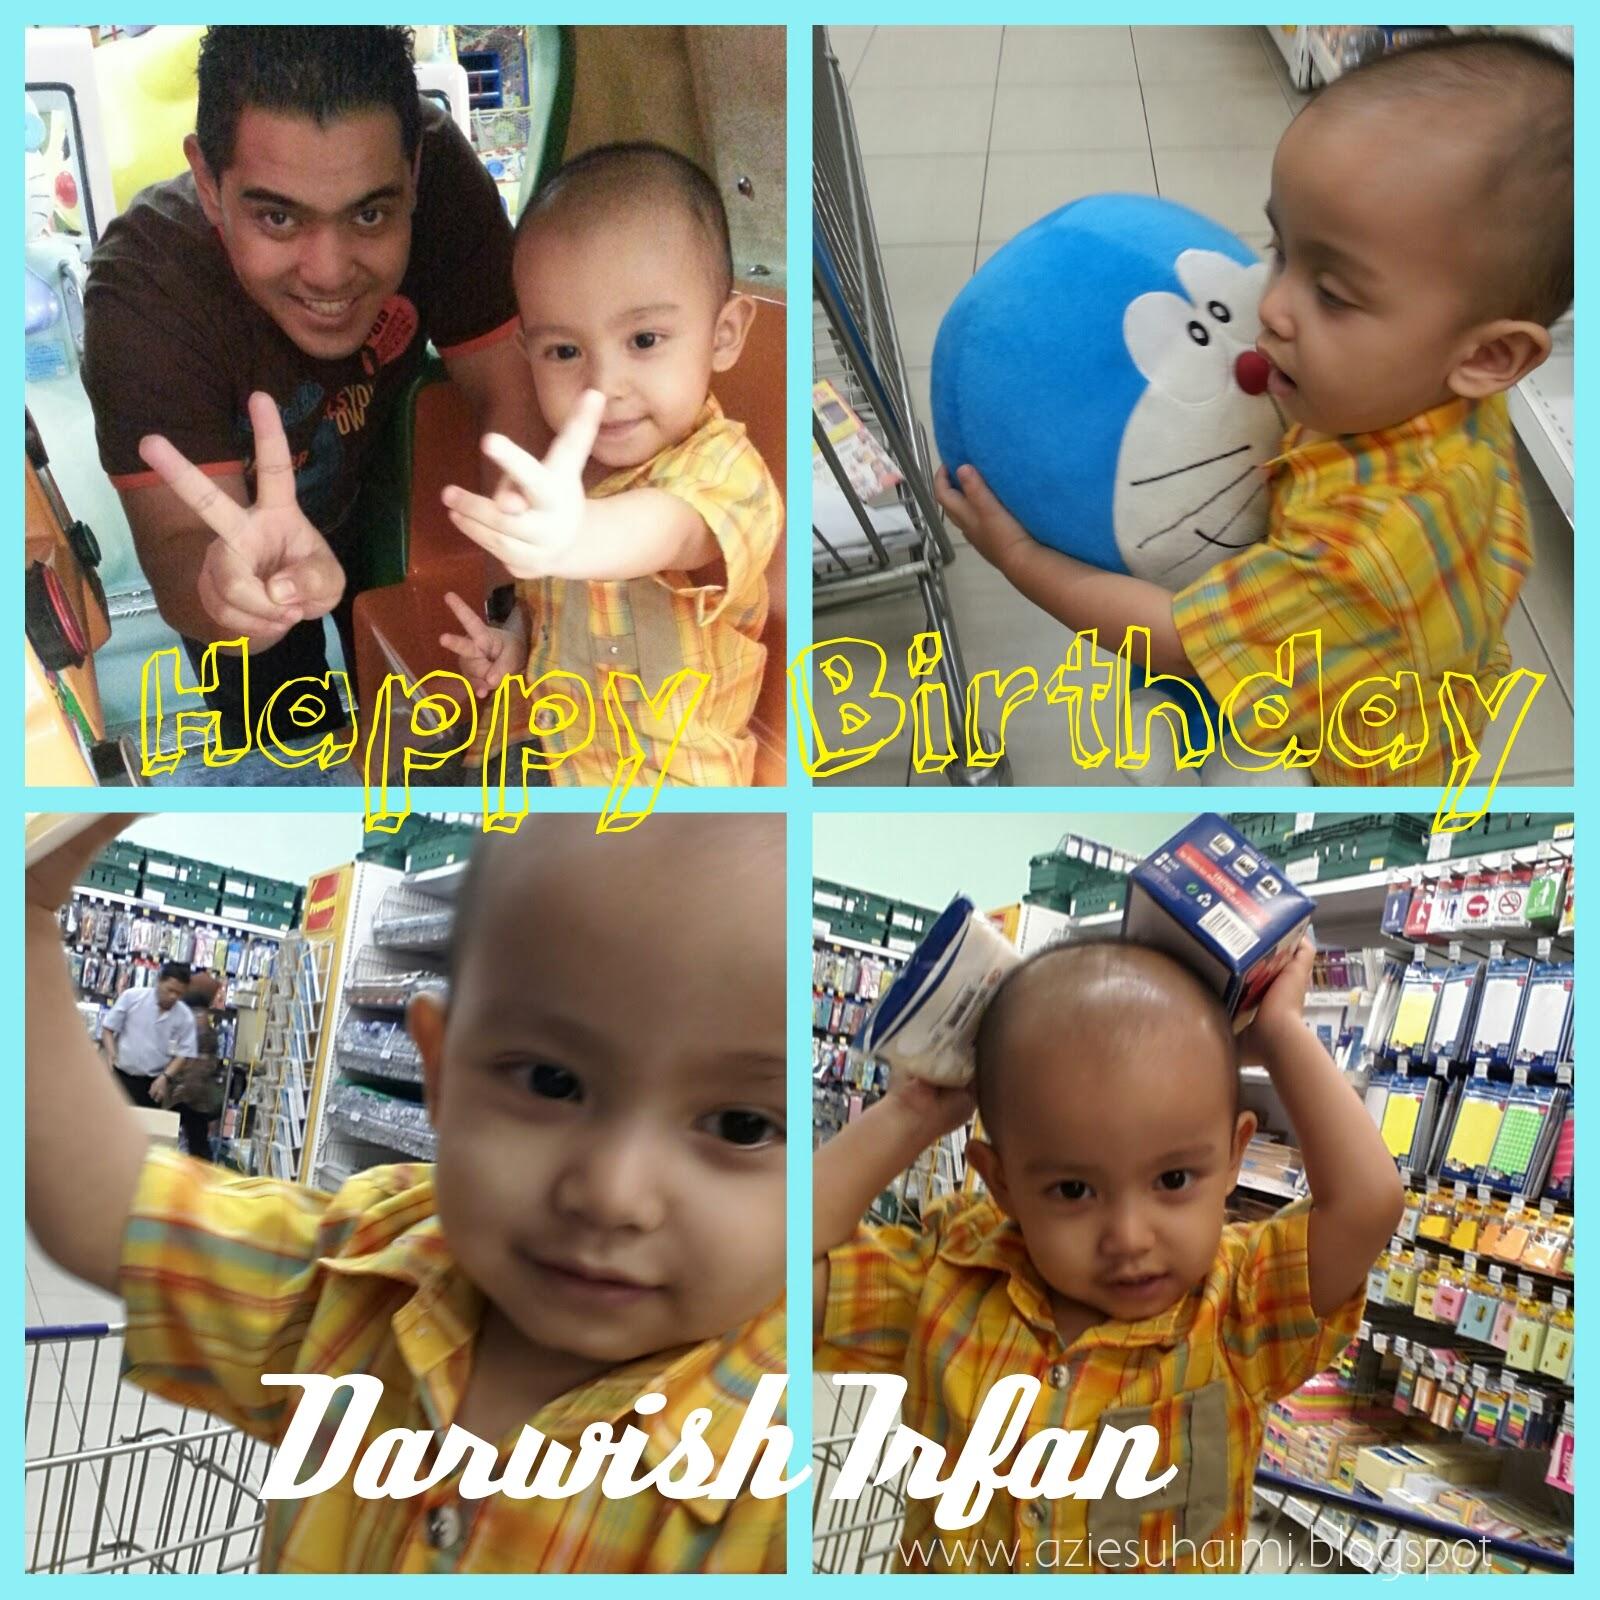 Darwish Irfan sudah 2 tahun